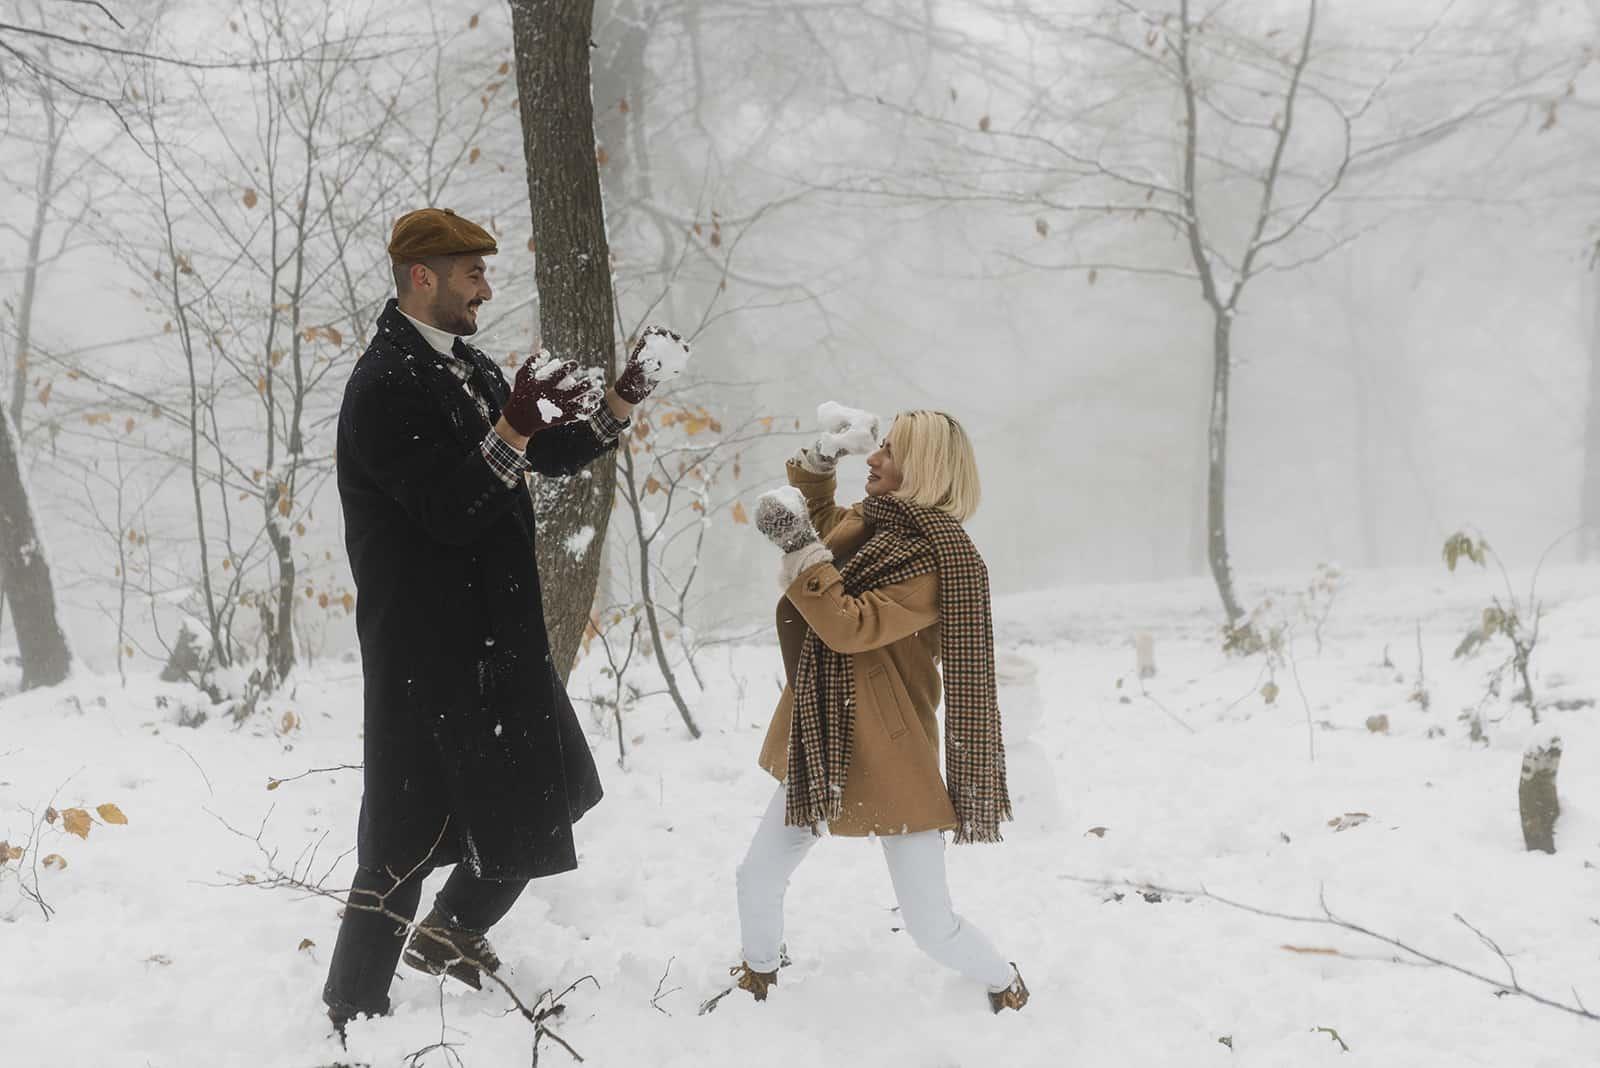 Ein Mann und eine Frau werfen sich im Park Schneebälle zu